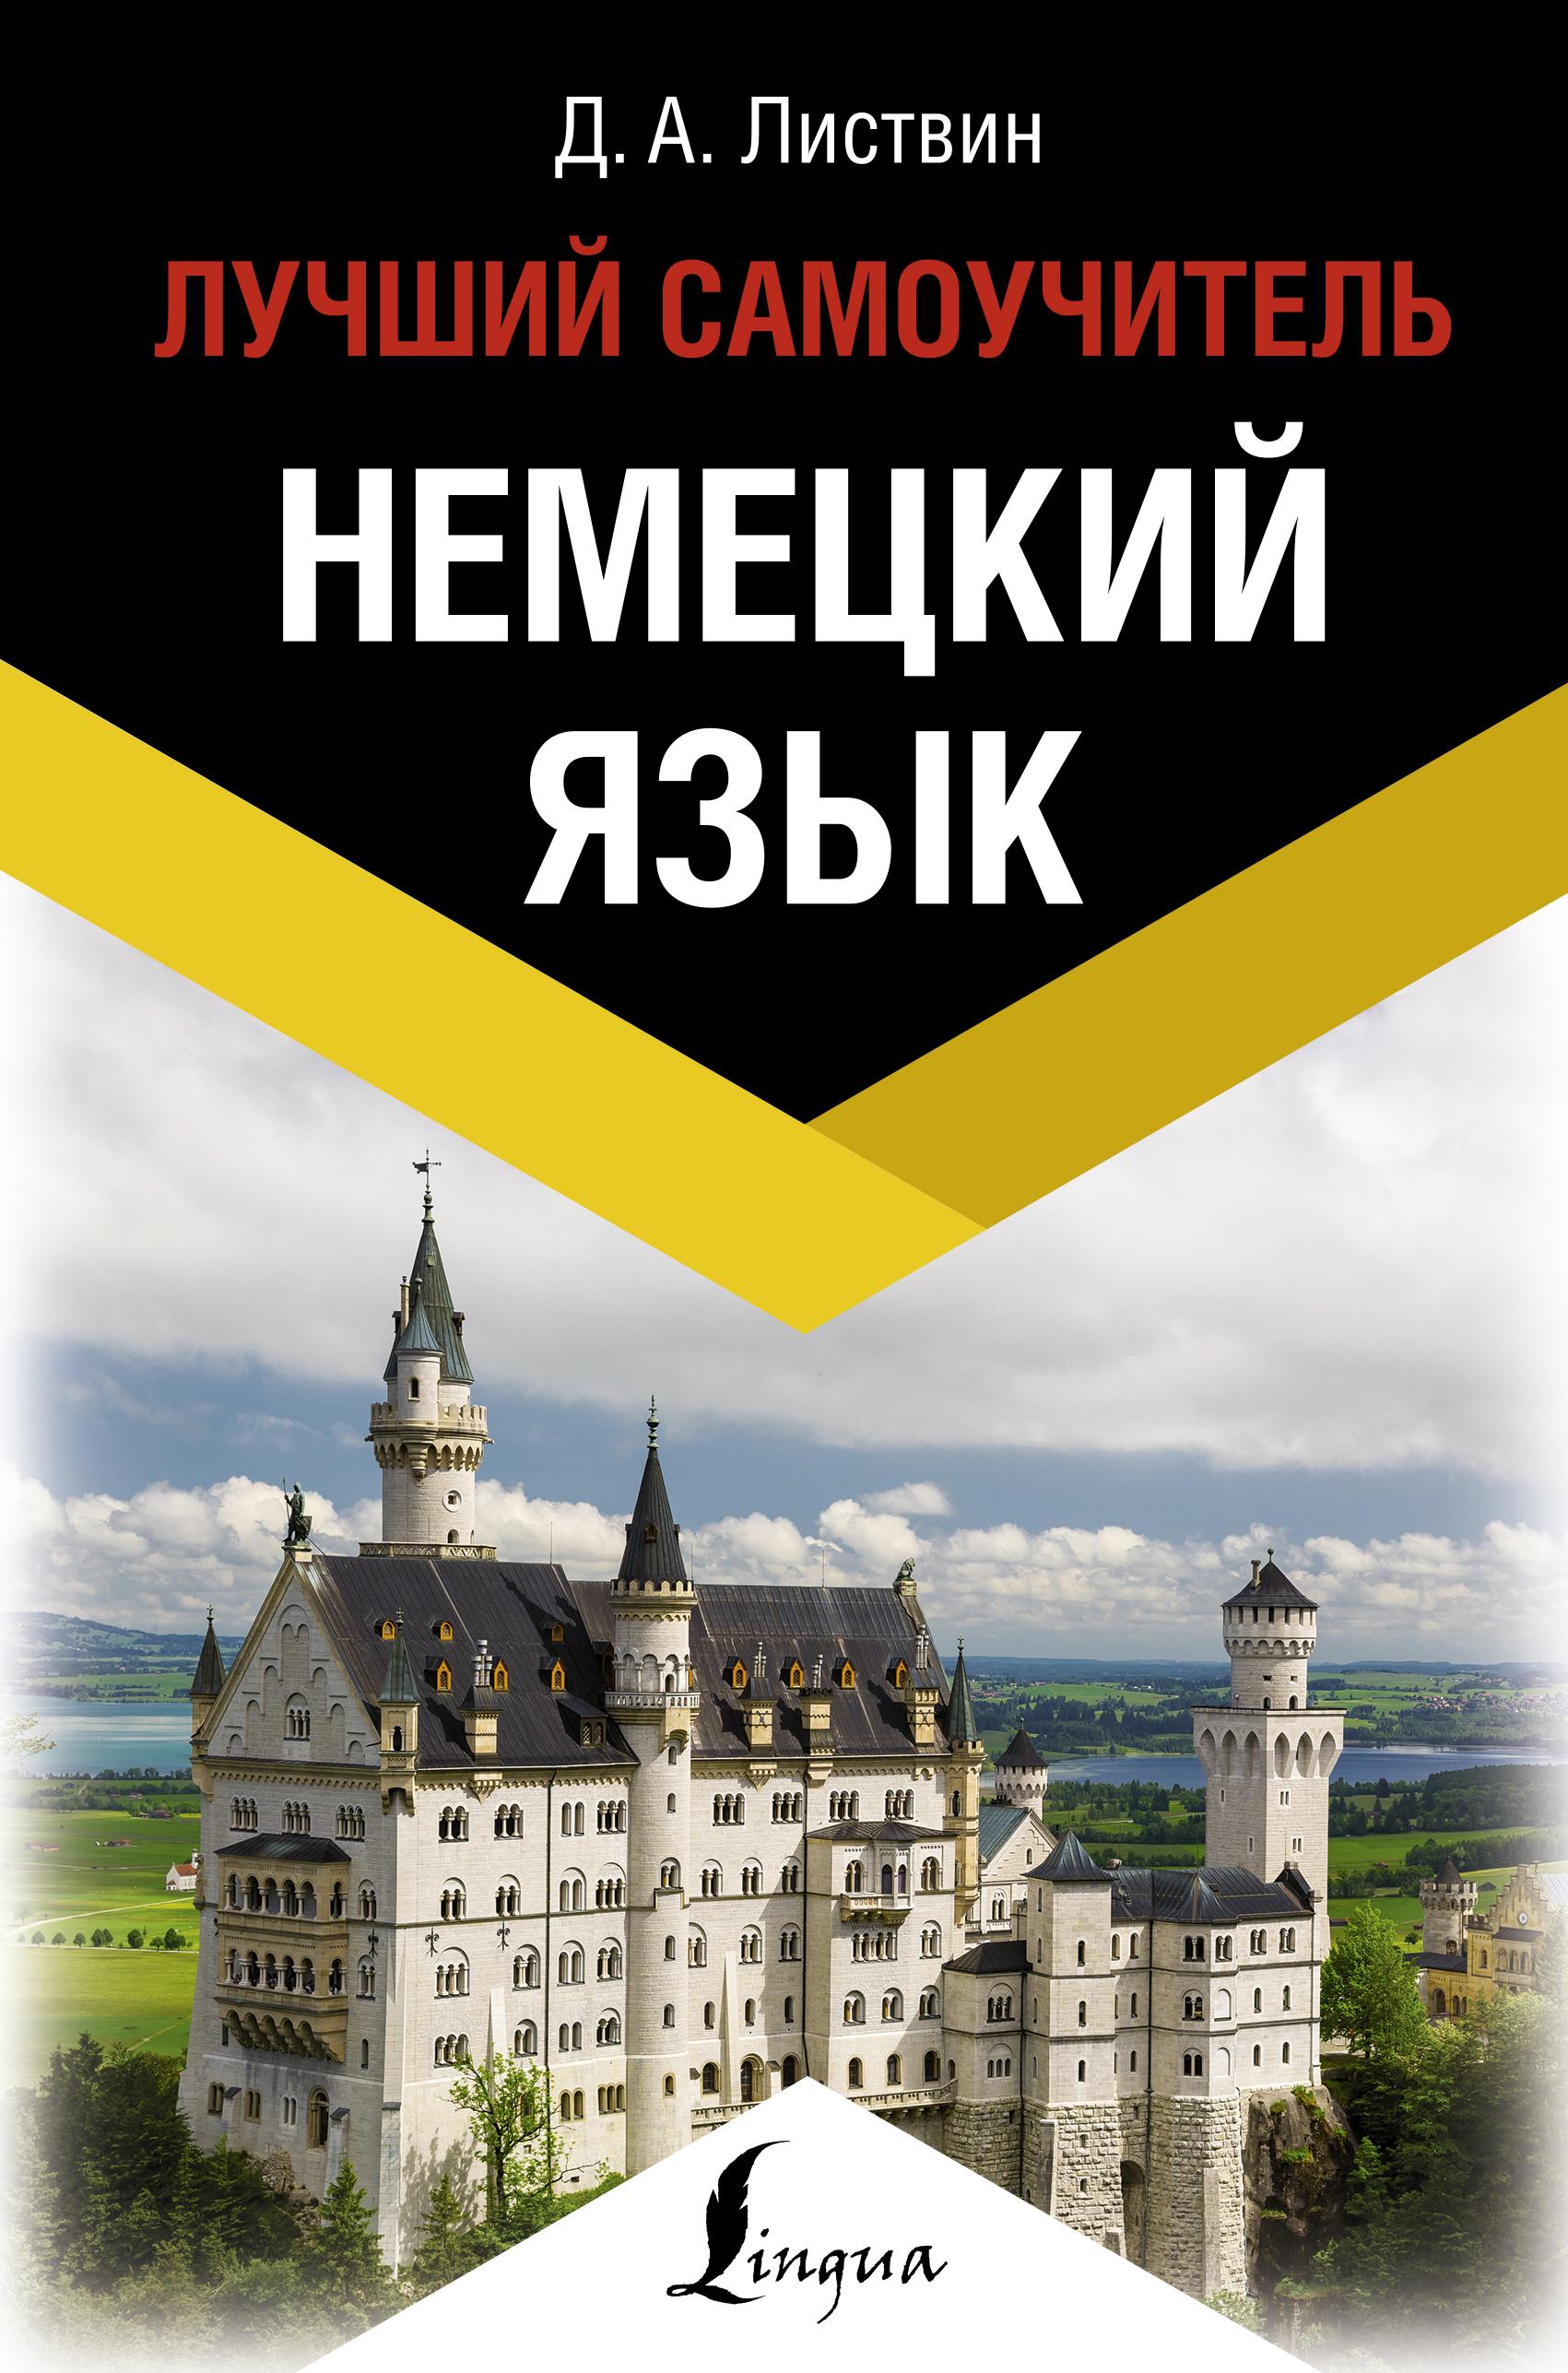 Д. А. Листвин Немецкий язык. Лучший самоучитель а в богданов немецкий язык 30 уроков от нуля до совершенства